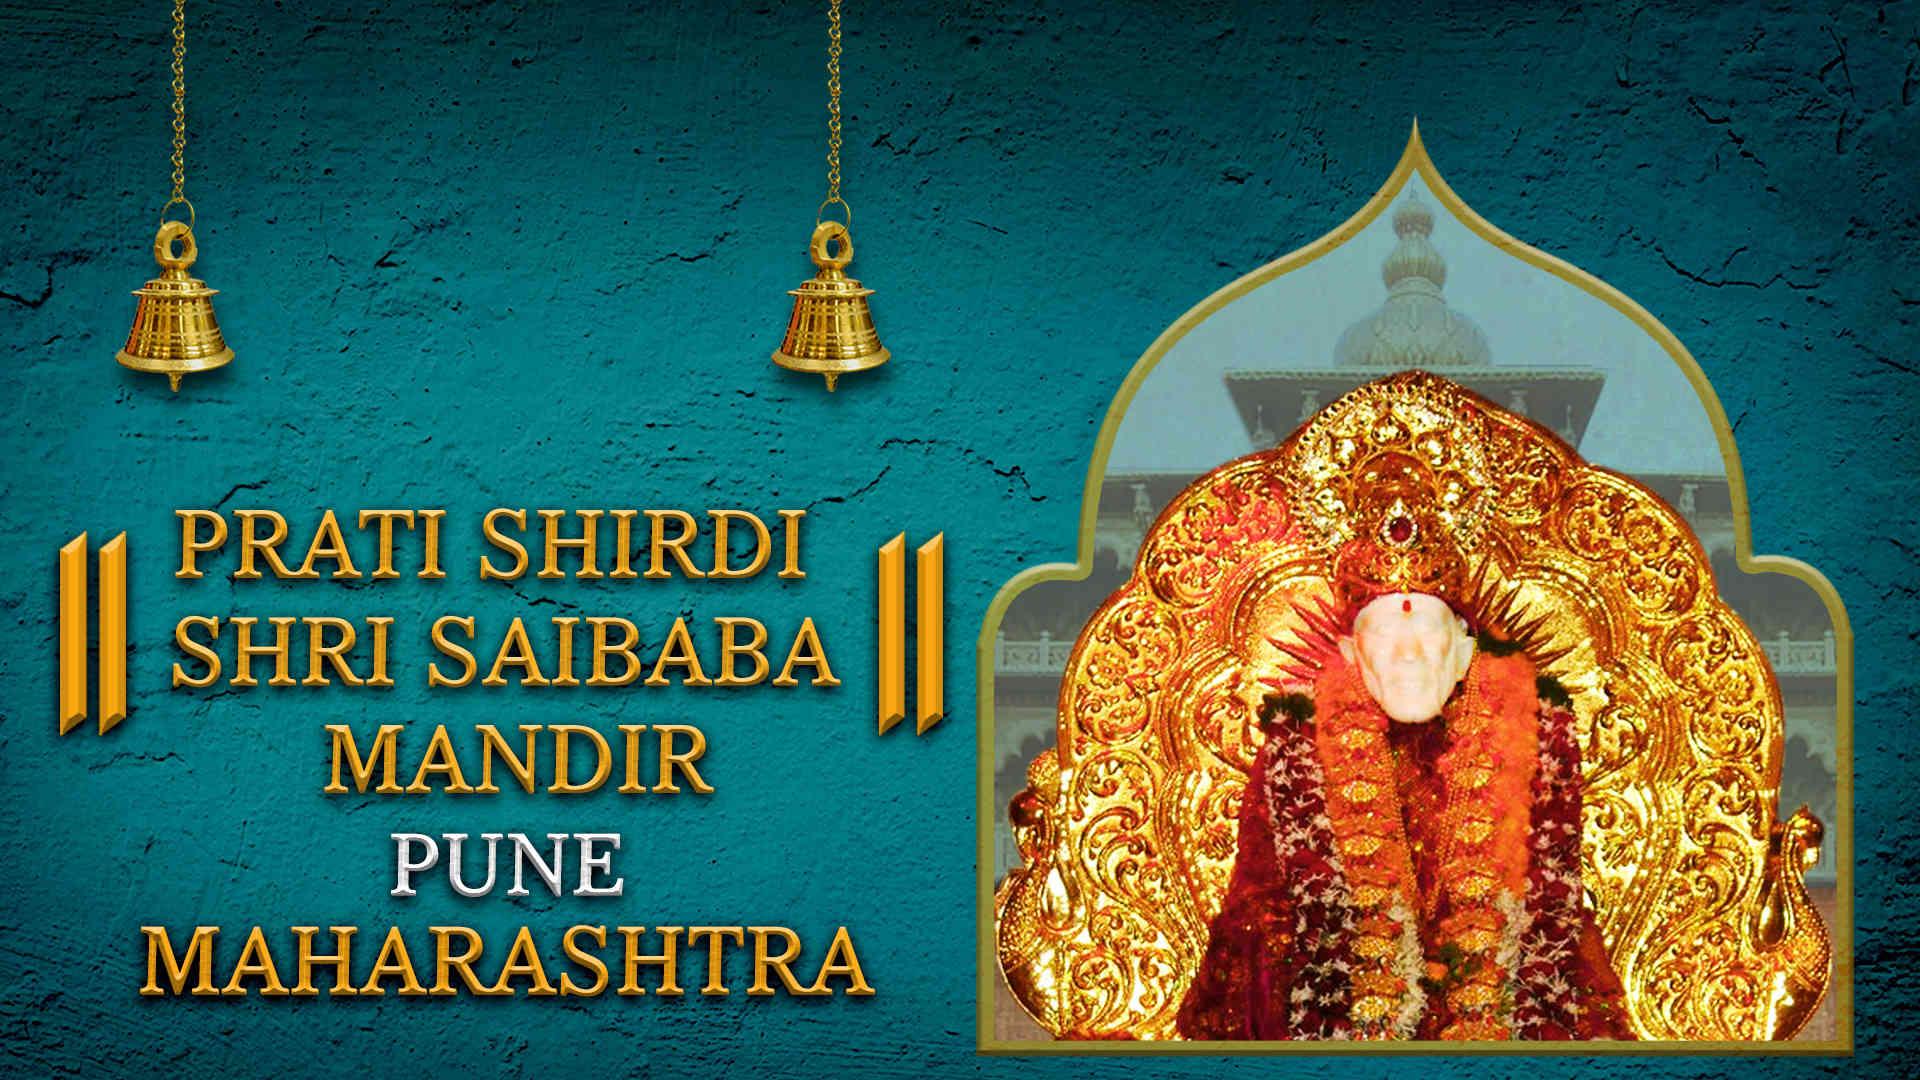 Prati Shirdi Shri Saibaba Mandir, Shirgaon, Pune